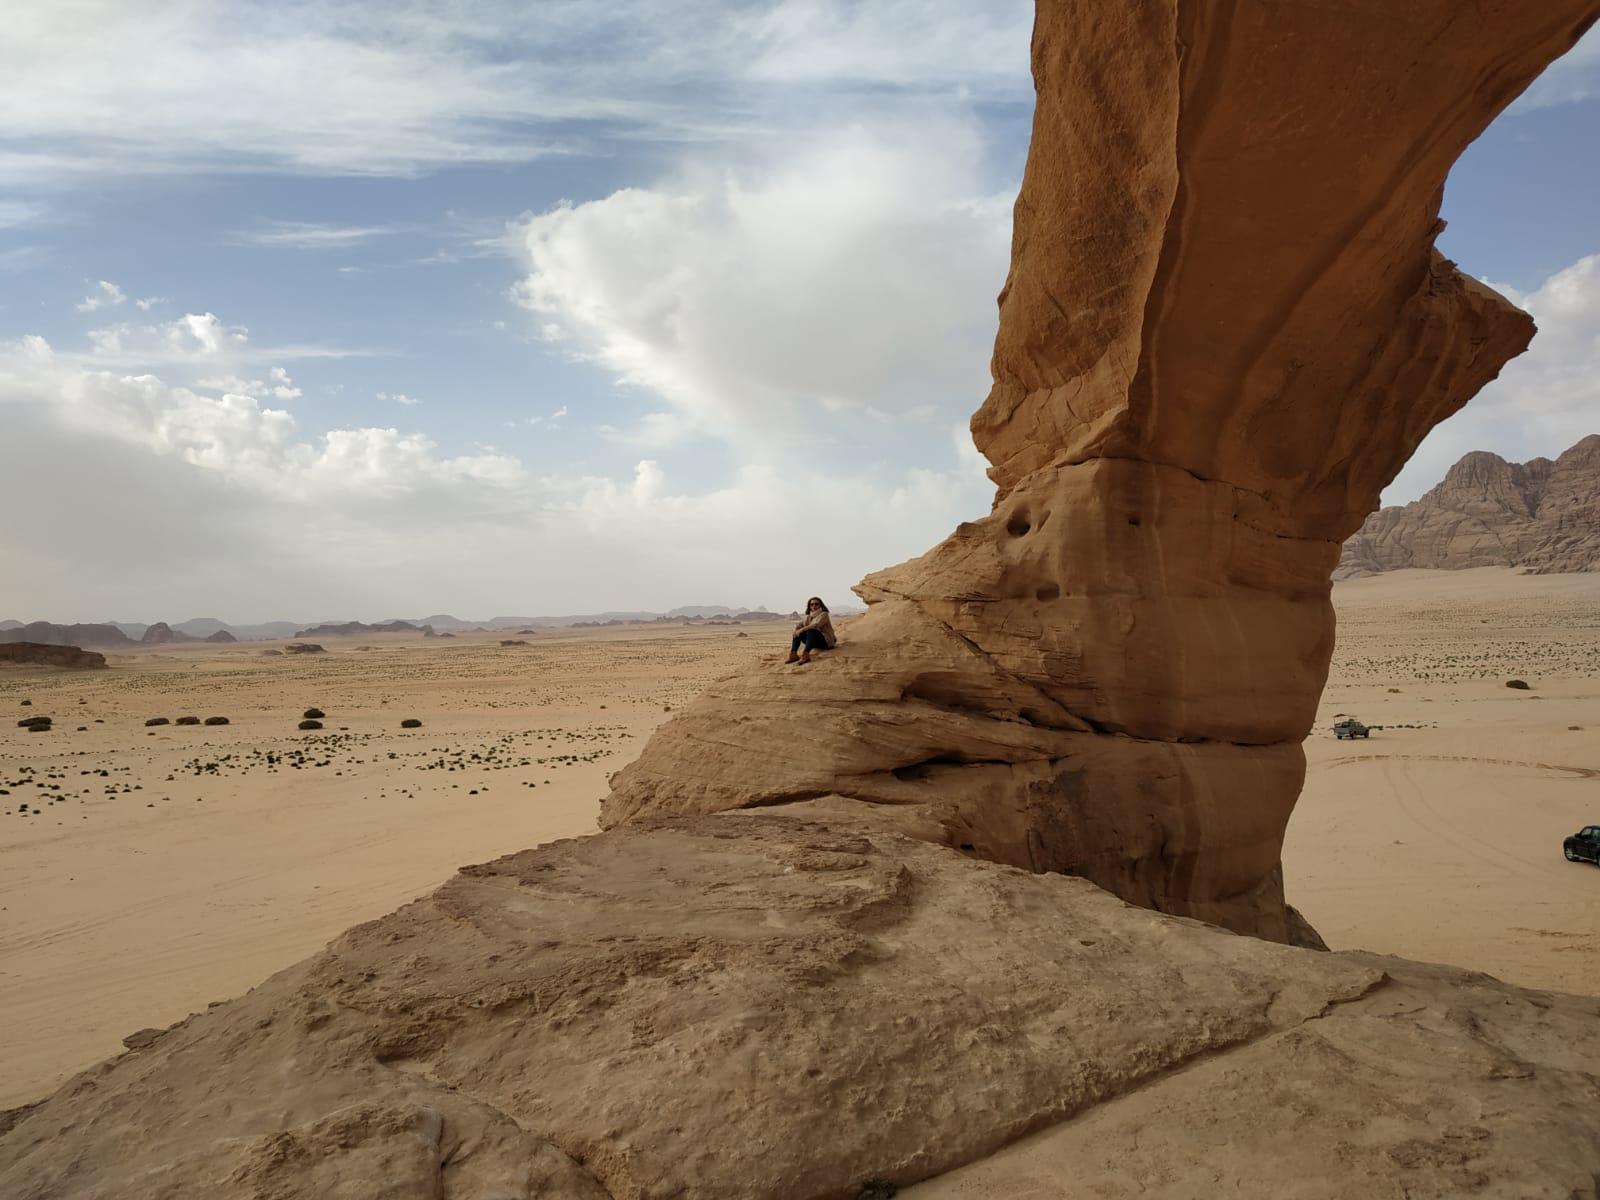 viajes al desierto de jordania